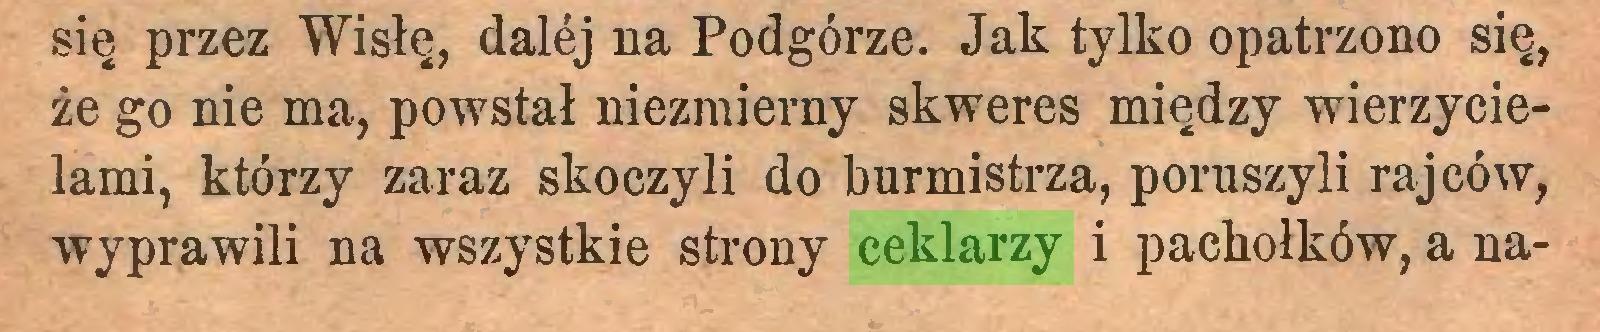 (...) się przez Wisłę, dalej na Podgórze. Jak tylko opatrzono się, że go nie ma, powstał niezmierny skweres między wierzycielami, którzy zaraz skoczyli do burmistrza, poruszyli rajców, wyprawili na wszystkie strony ceklarzy i pachołków, a na...